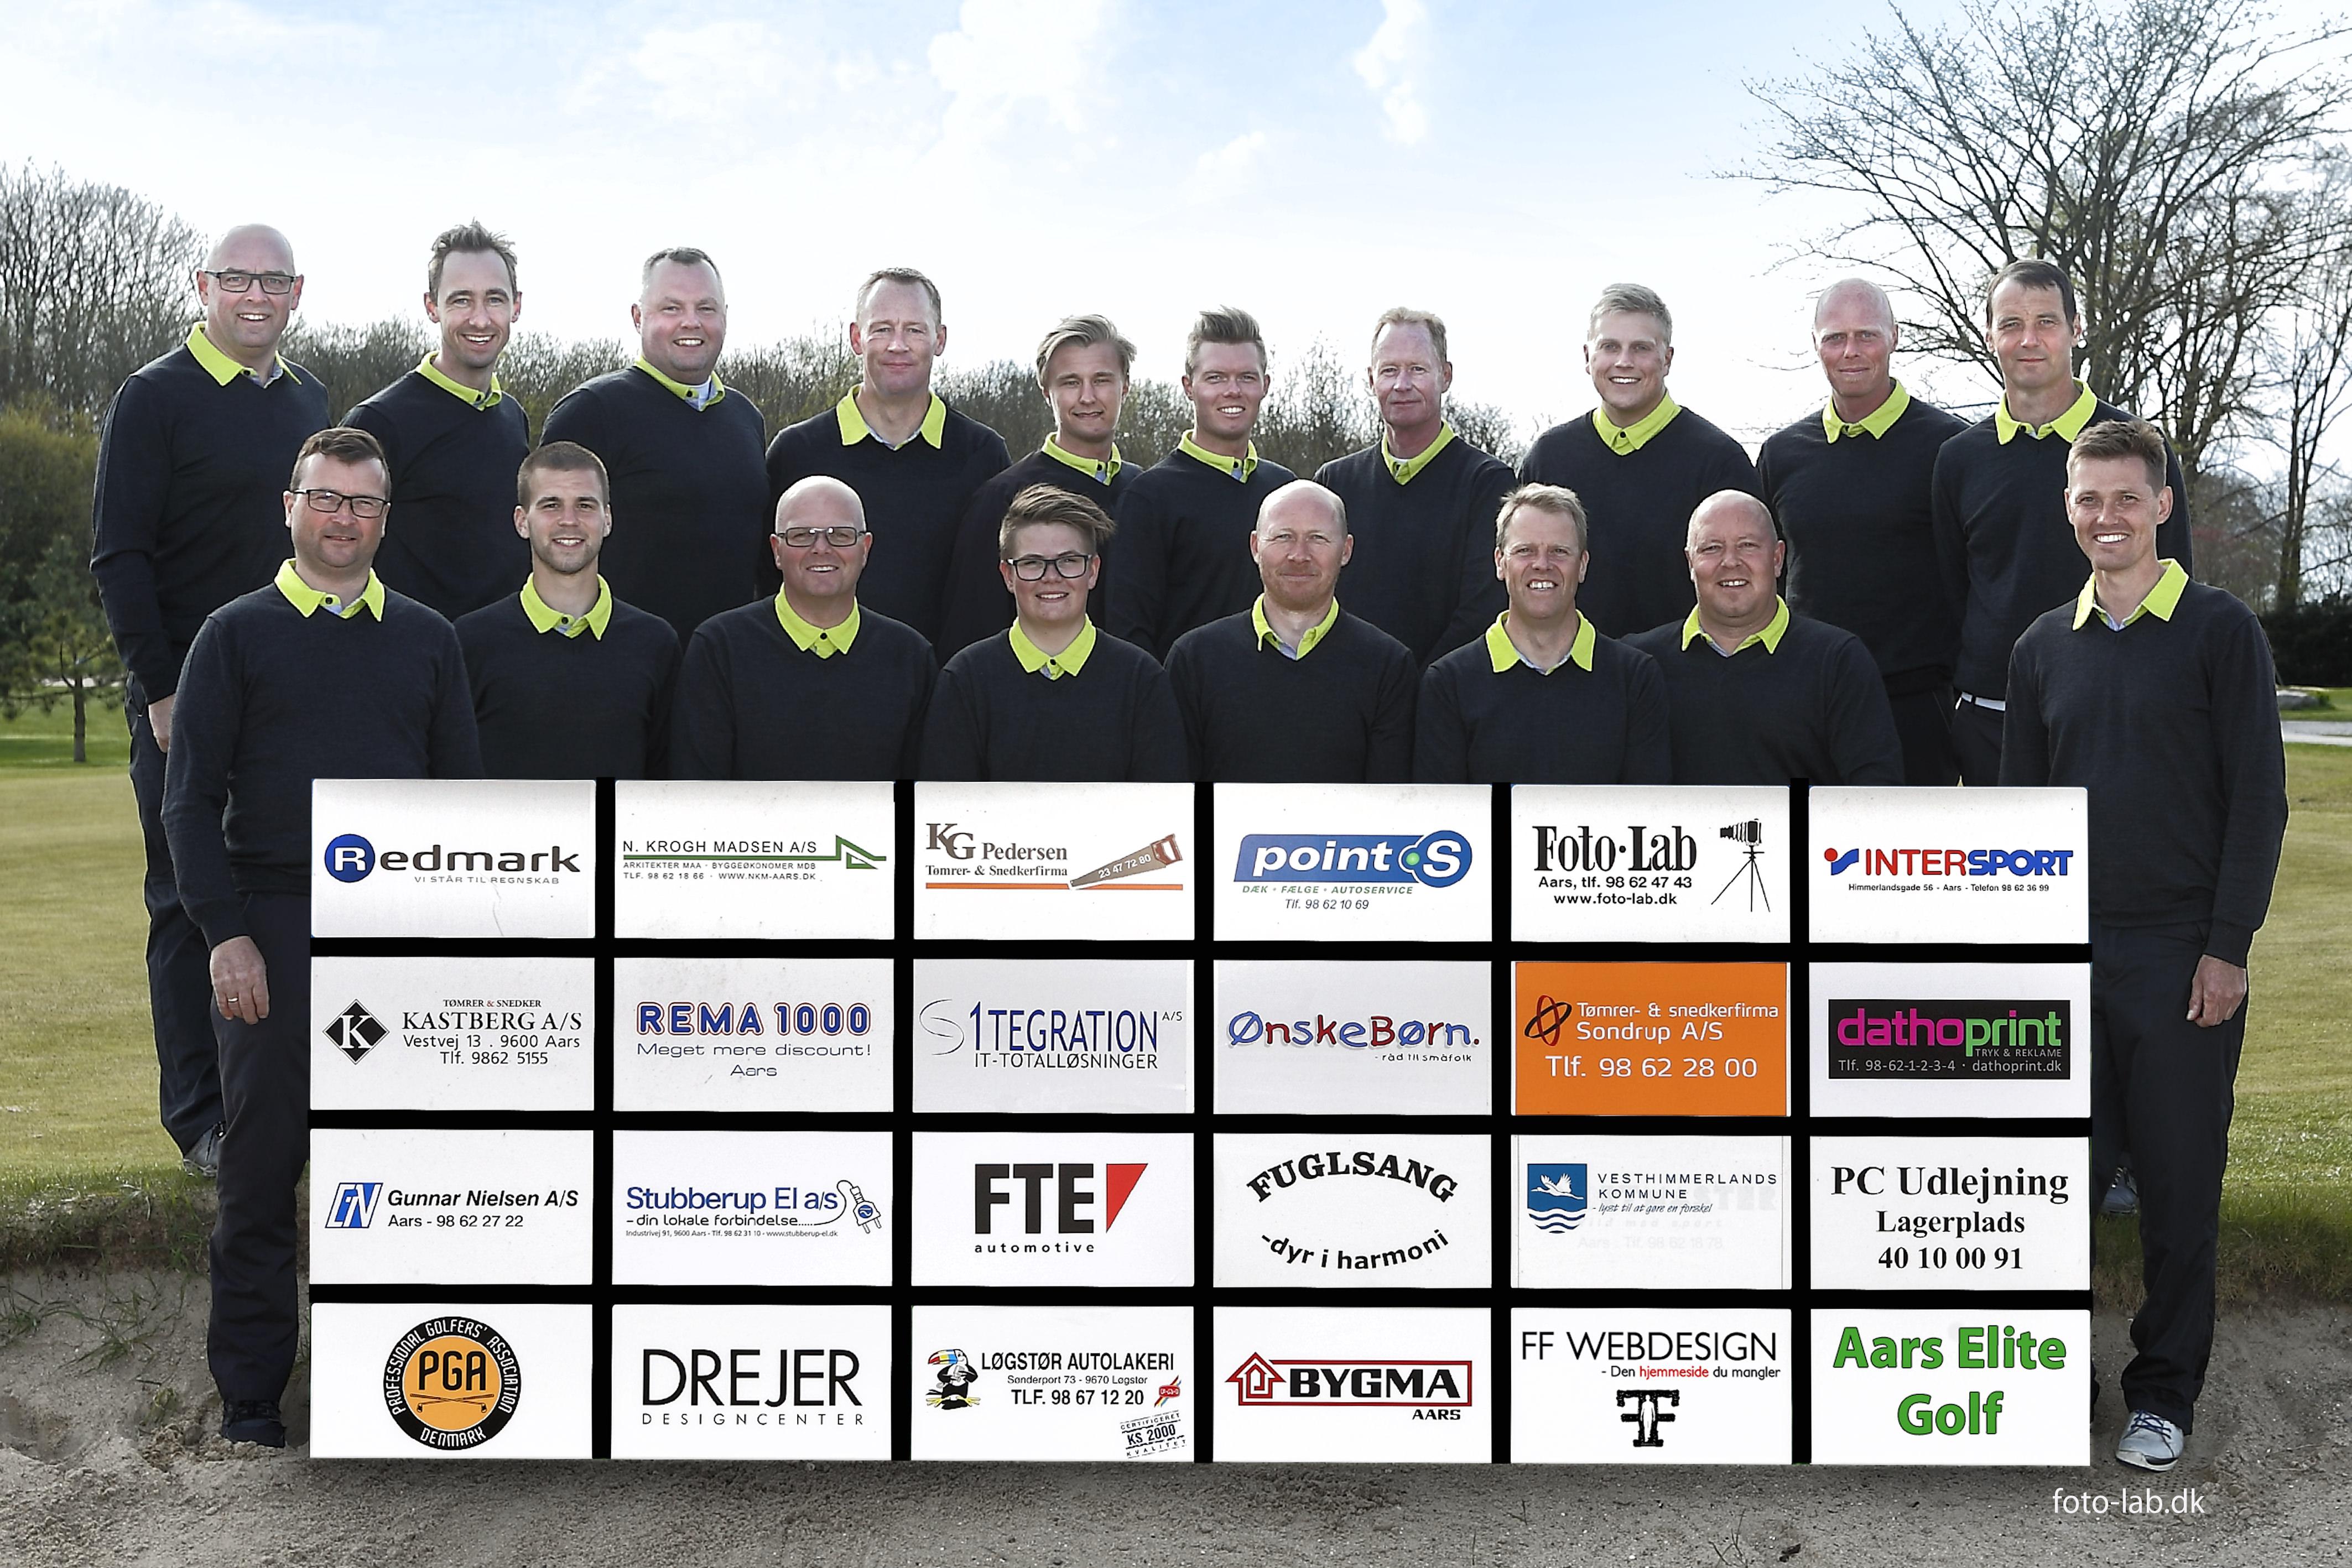 9eac41112c1a Aars Golfklubs Elitehold består af 20 spillere og har tilmeldt to hold til  kvalifikationsrækken til Danmarksturneringen.